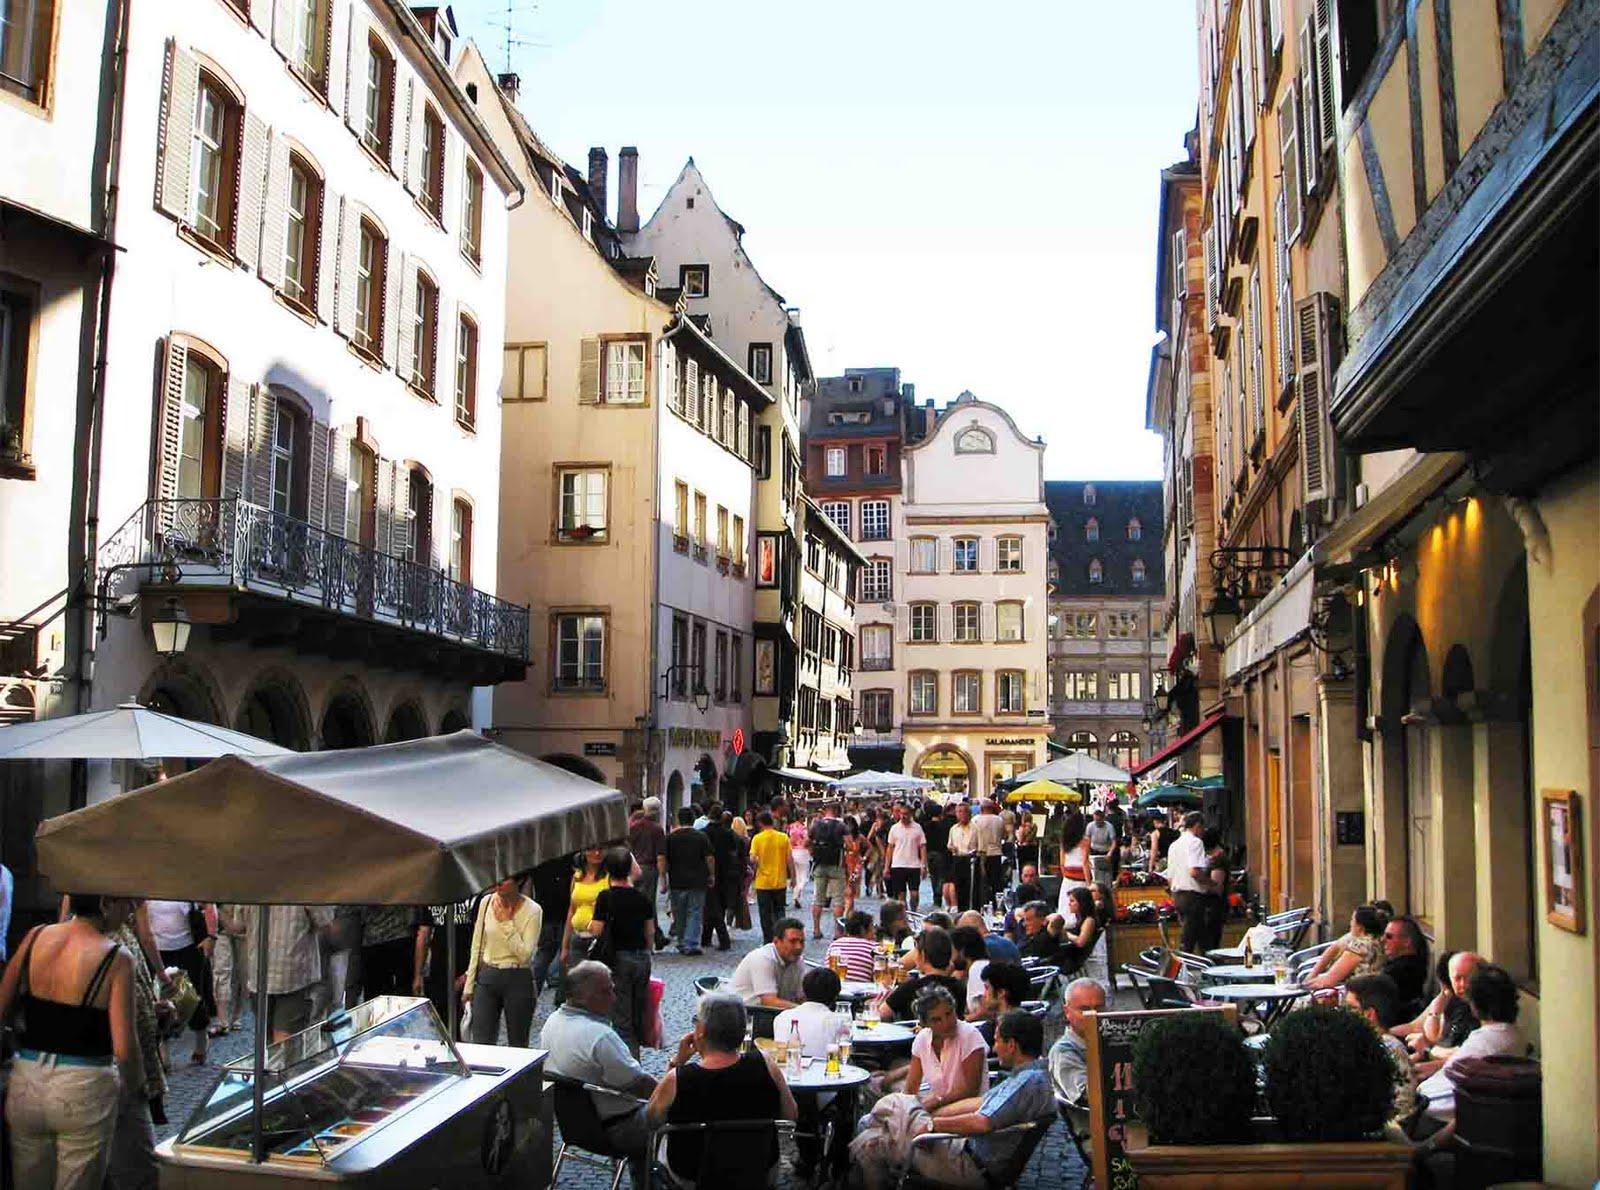 france strasbourg popular tourist destination place for visit. Black Bedroom Furniture Sets. Home Design Ideas